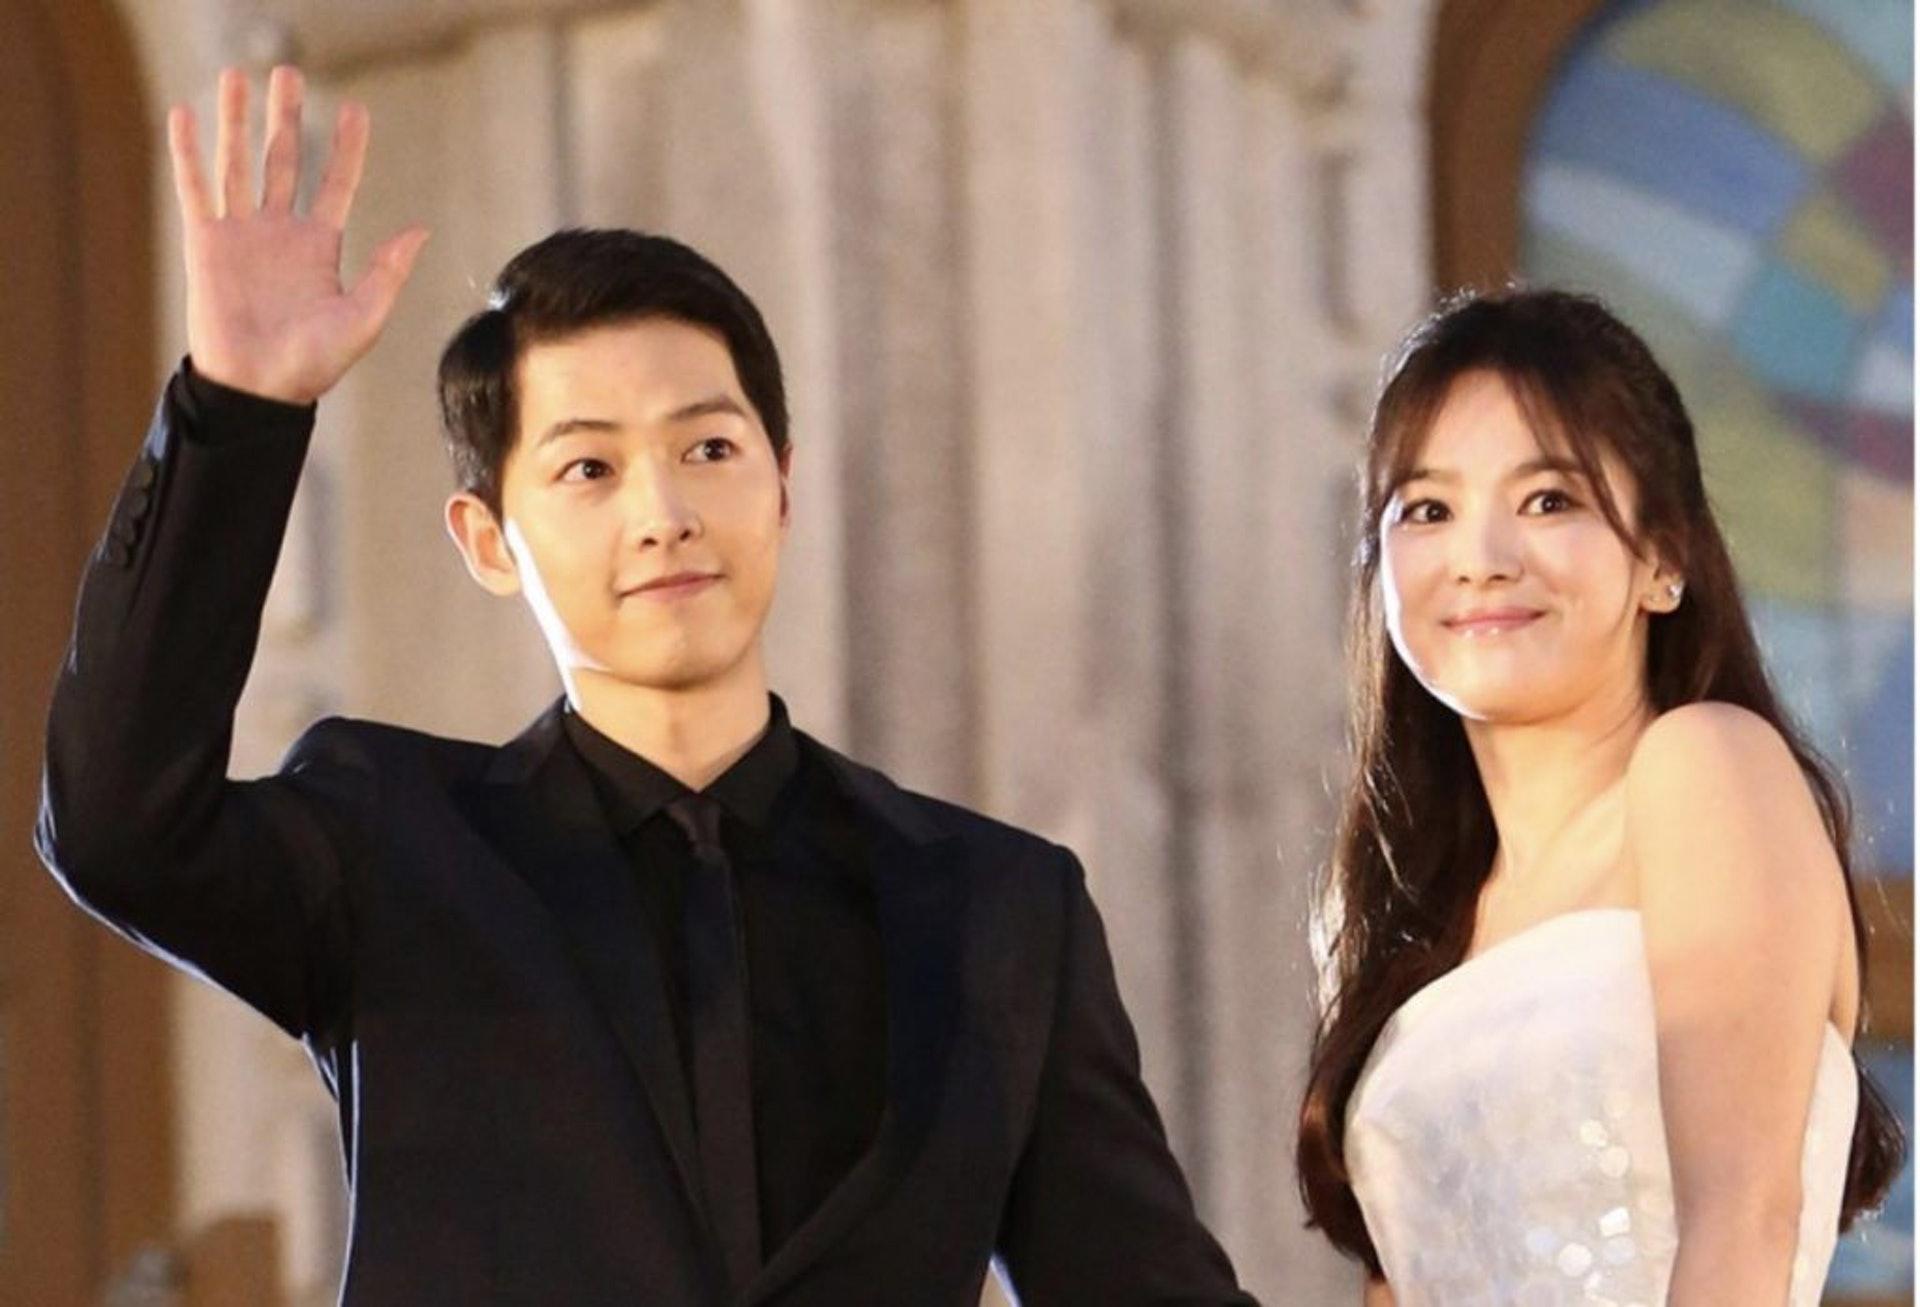 「宋宋夫婦」雖然已否認離婚一事,但依然被傳媒一直追撃。(網上圖片)